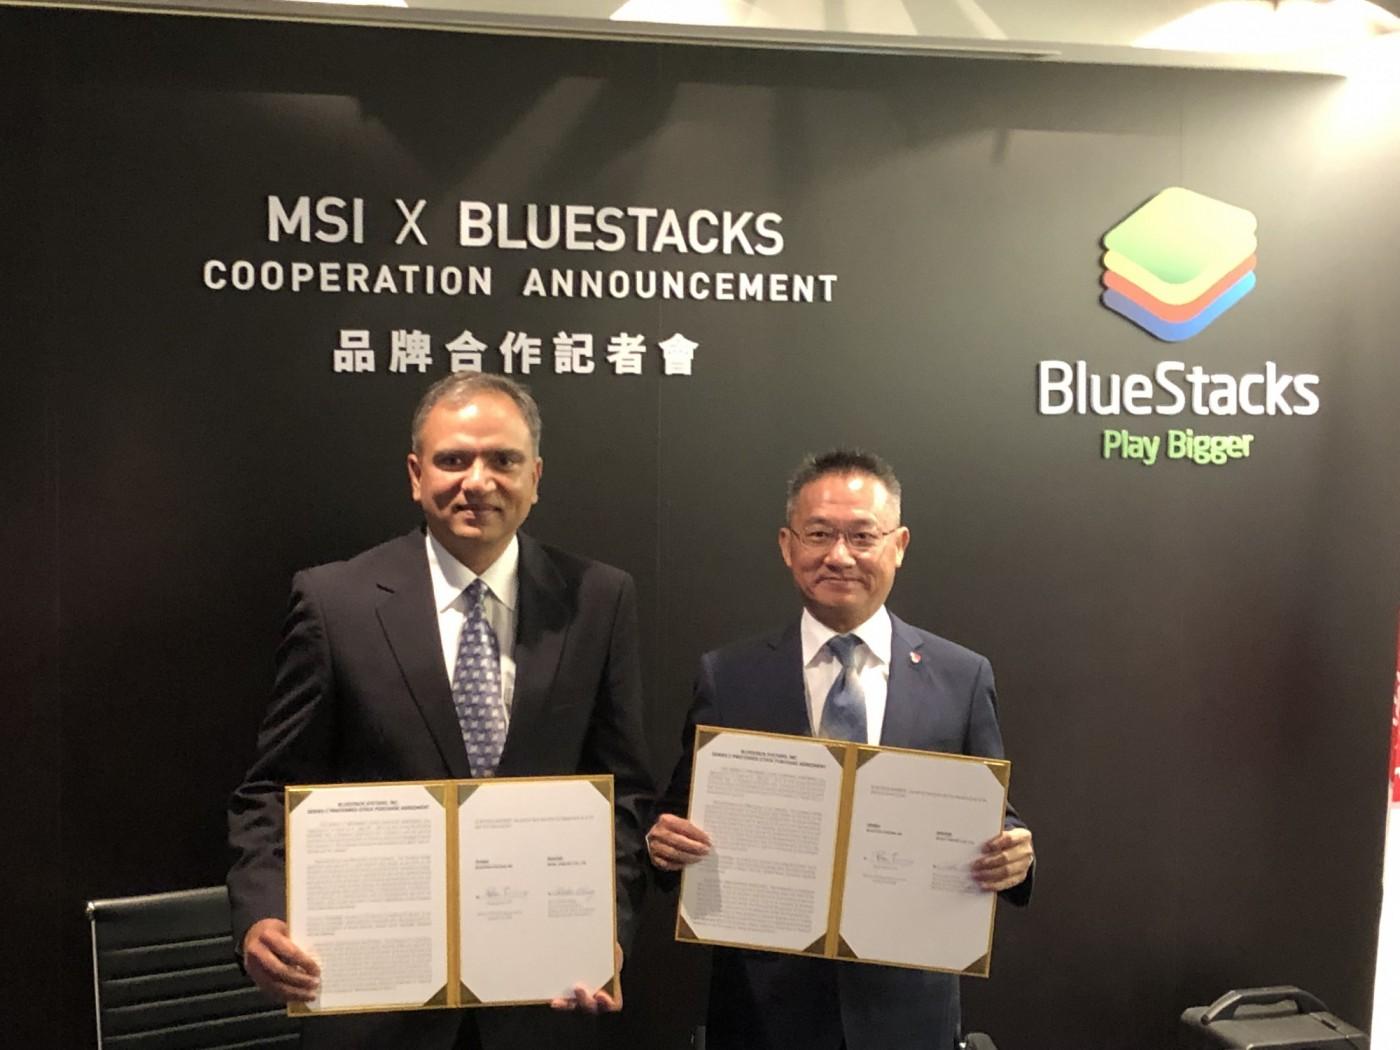 手遊電競是未來!微星宣布共同領投Android模擬器廠商BlueStacks